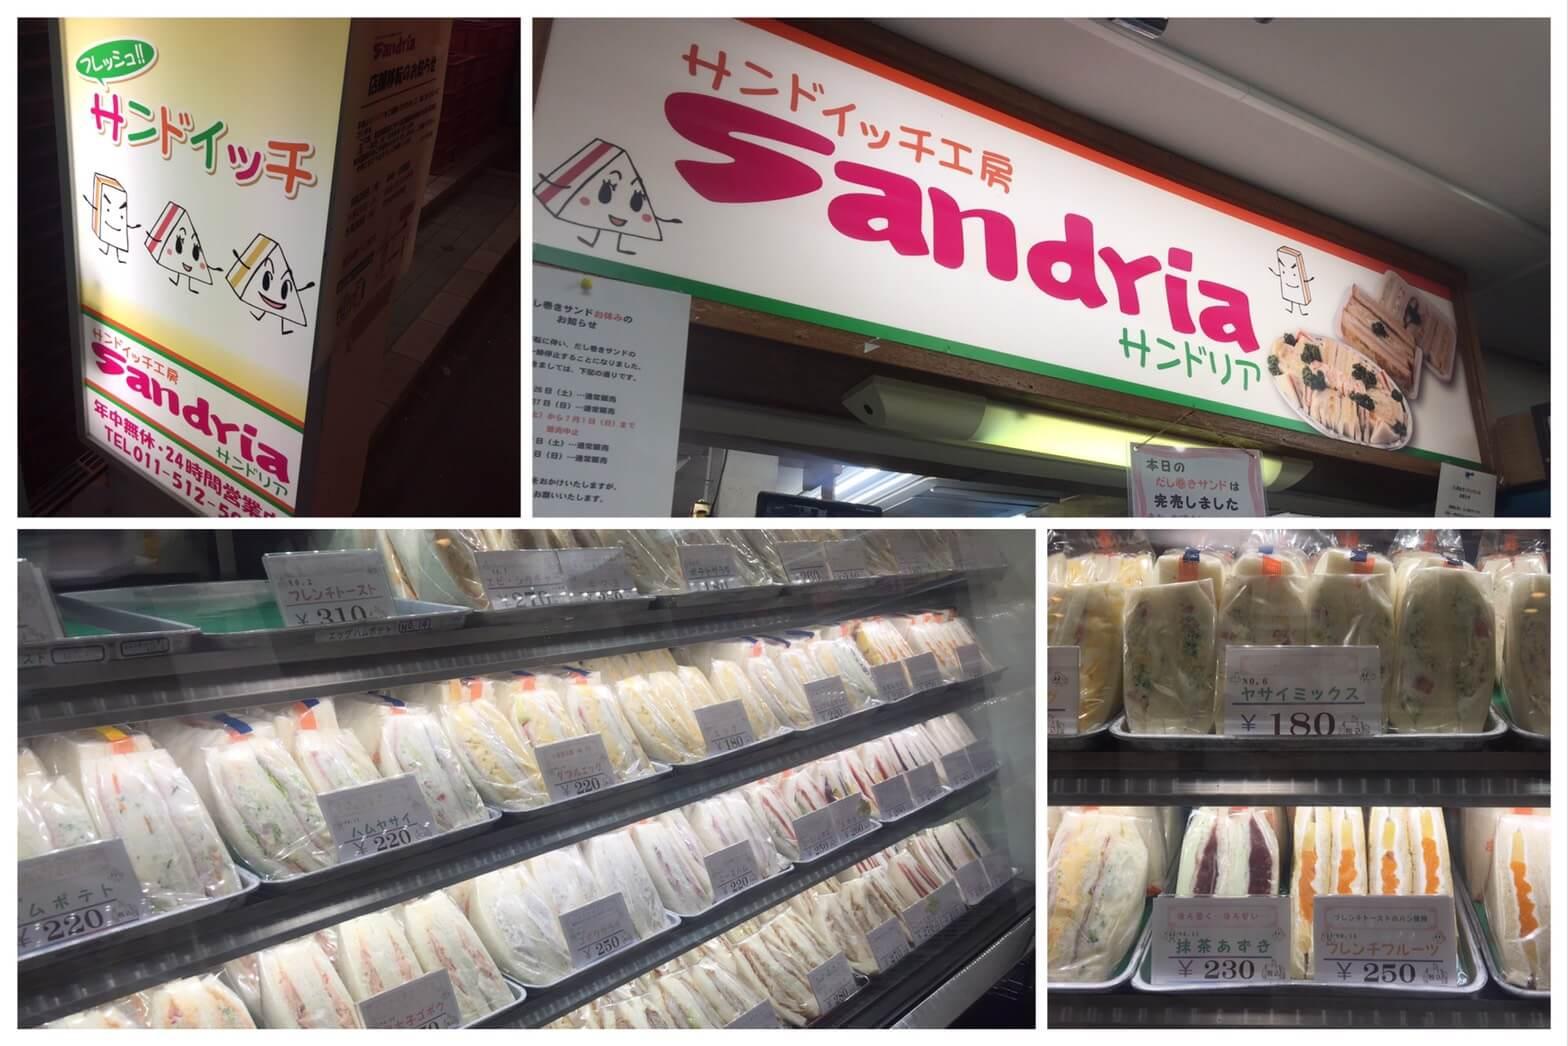 三明治工房Sandria